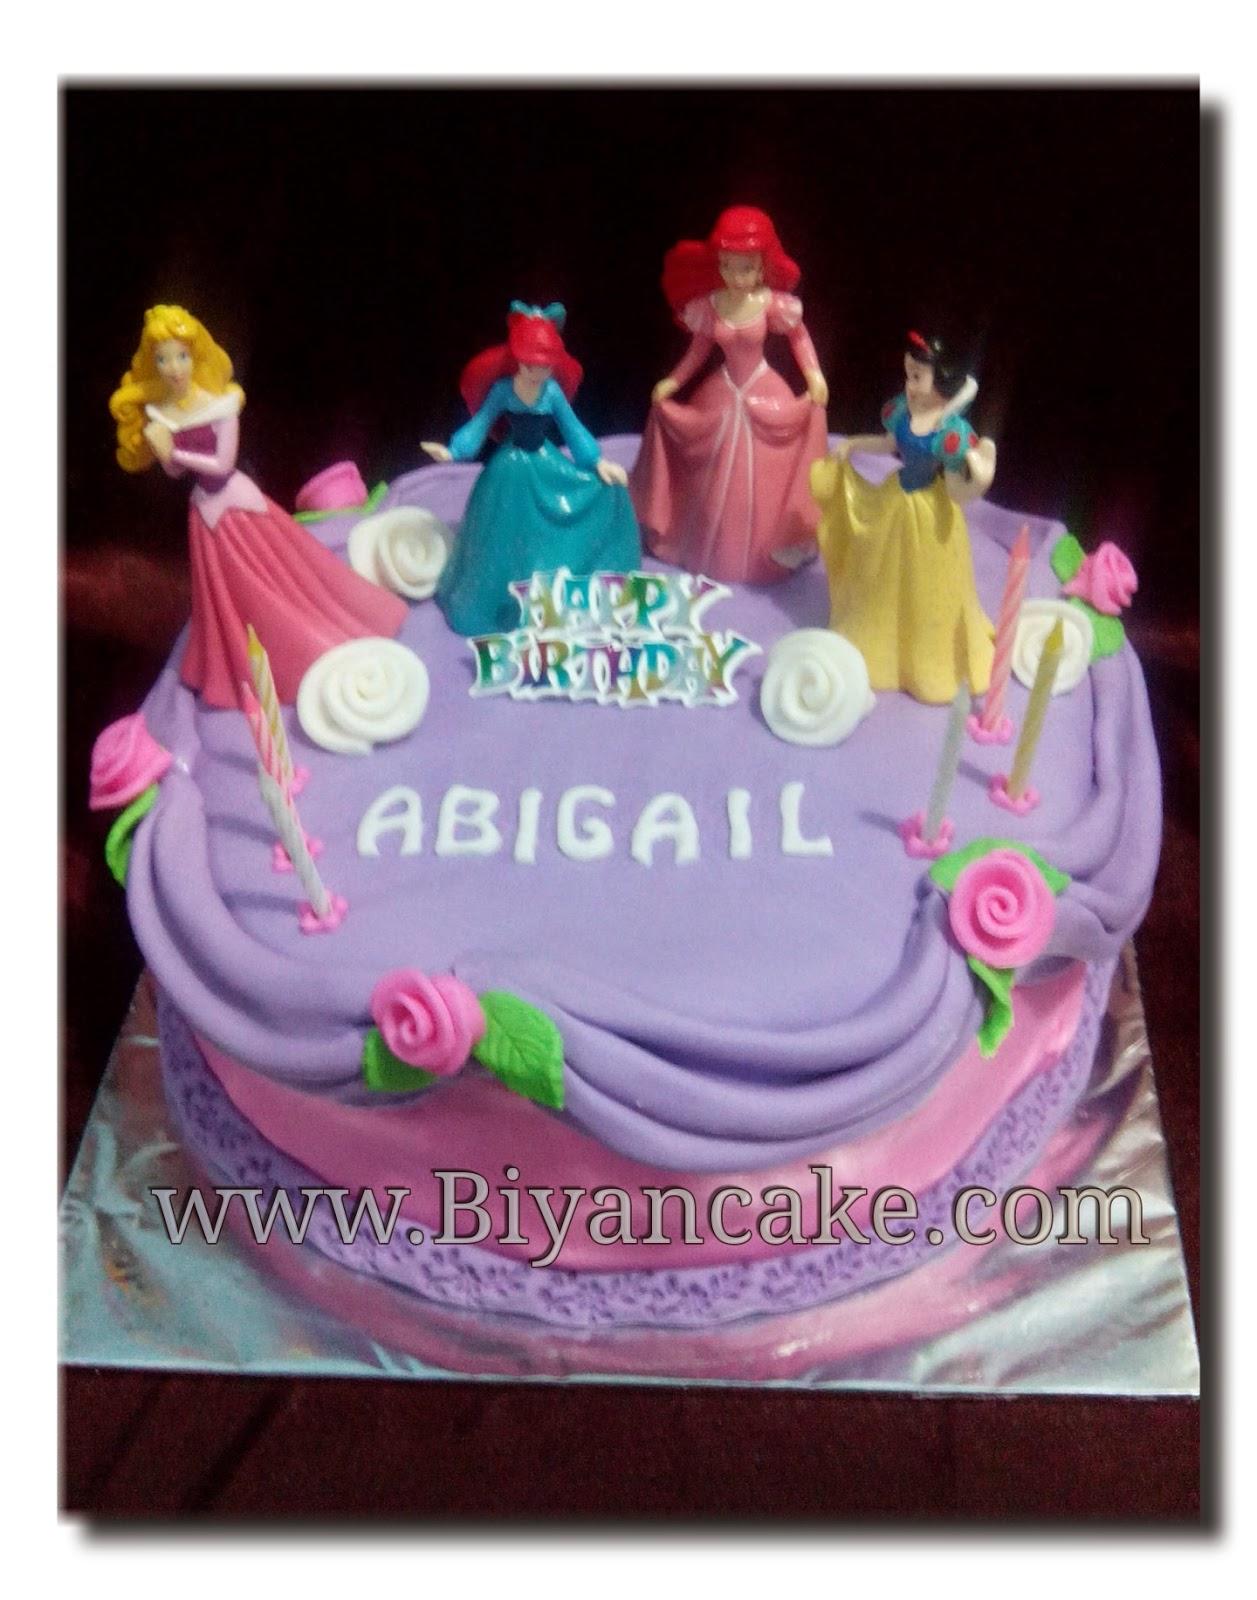 Biyancakes Pesan Cake Di Bekasi Cake Princess Abigail